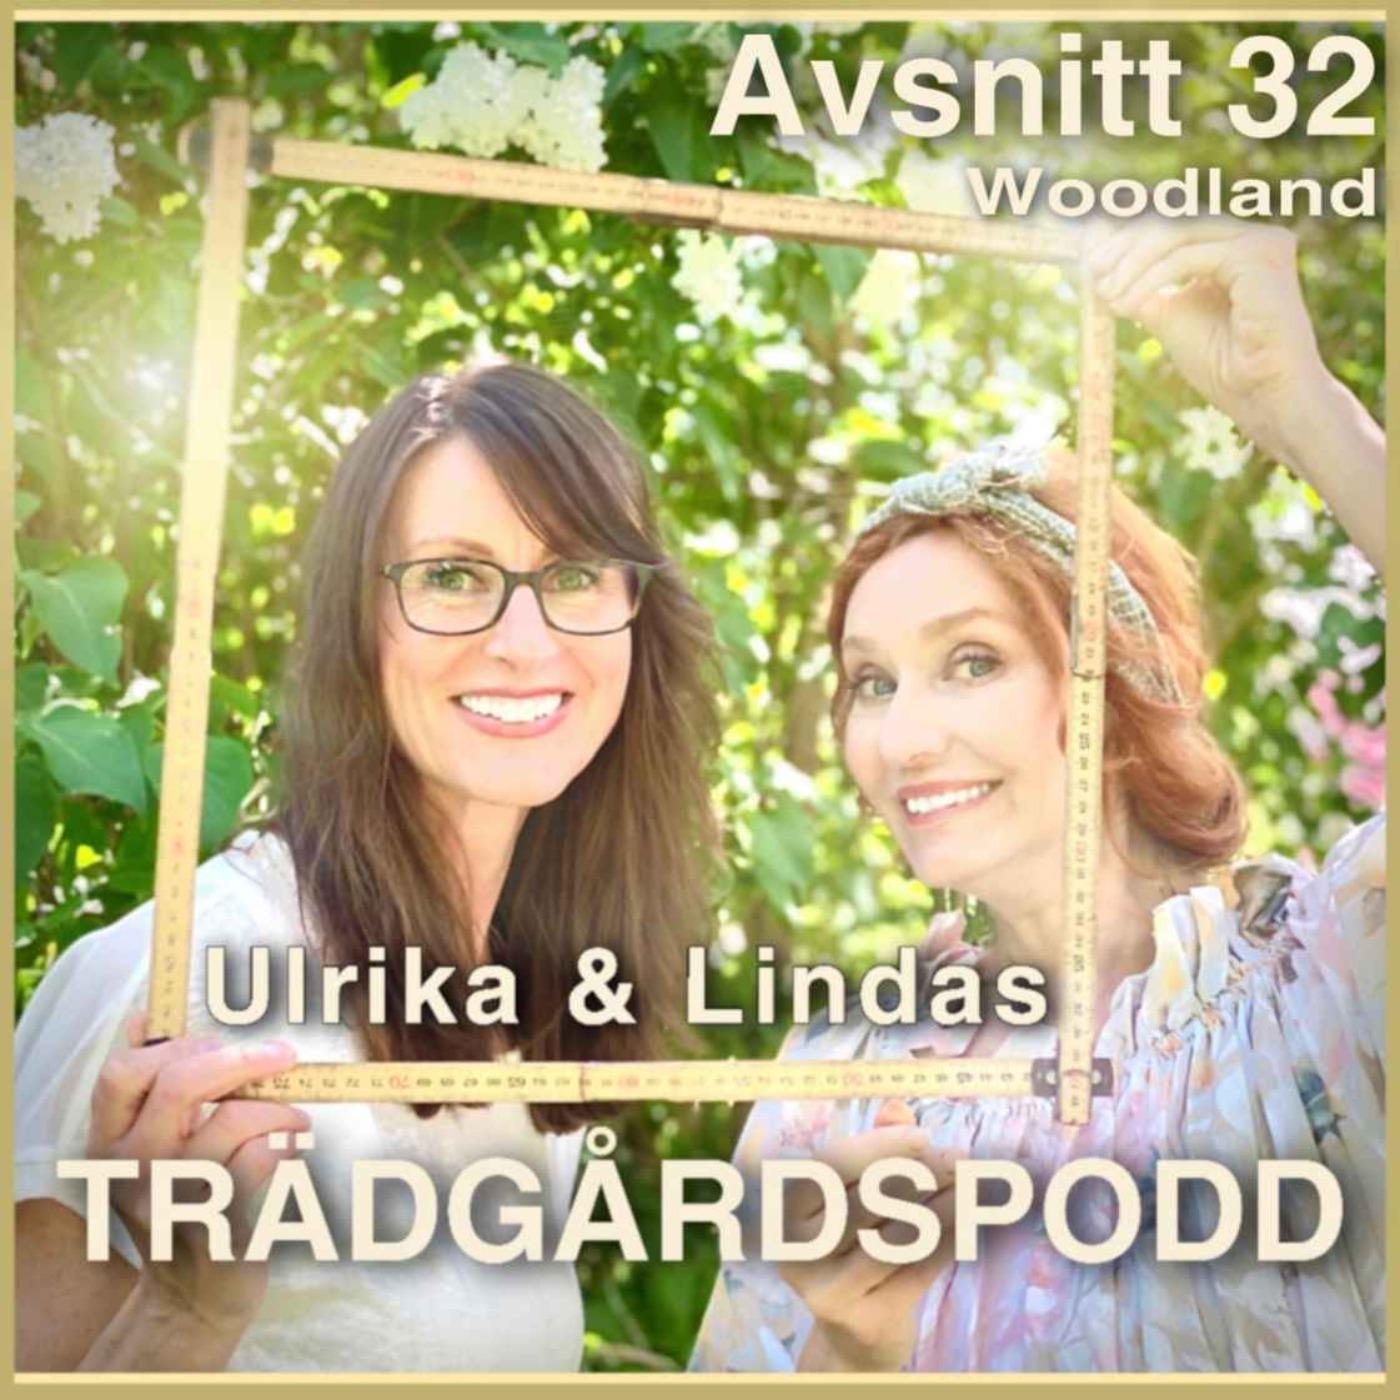 Avsnitt 32 - Woodland